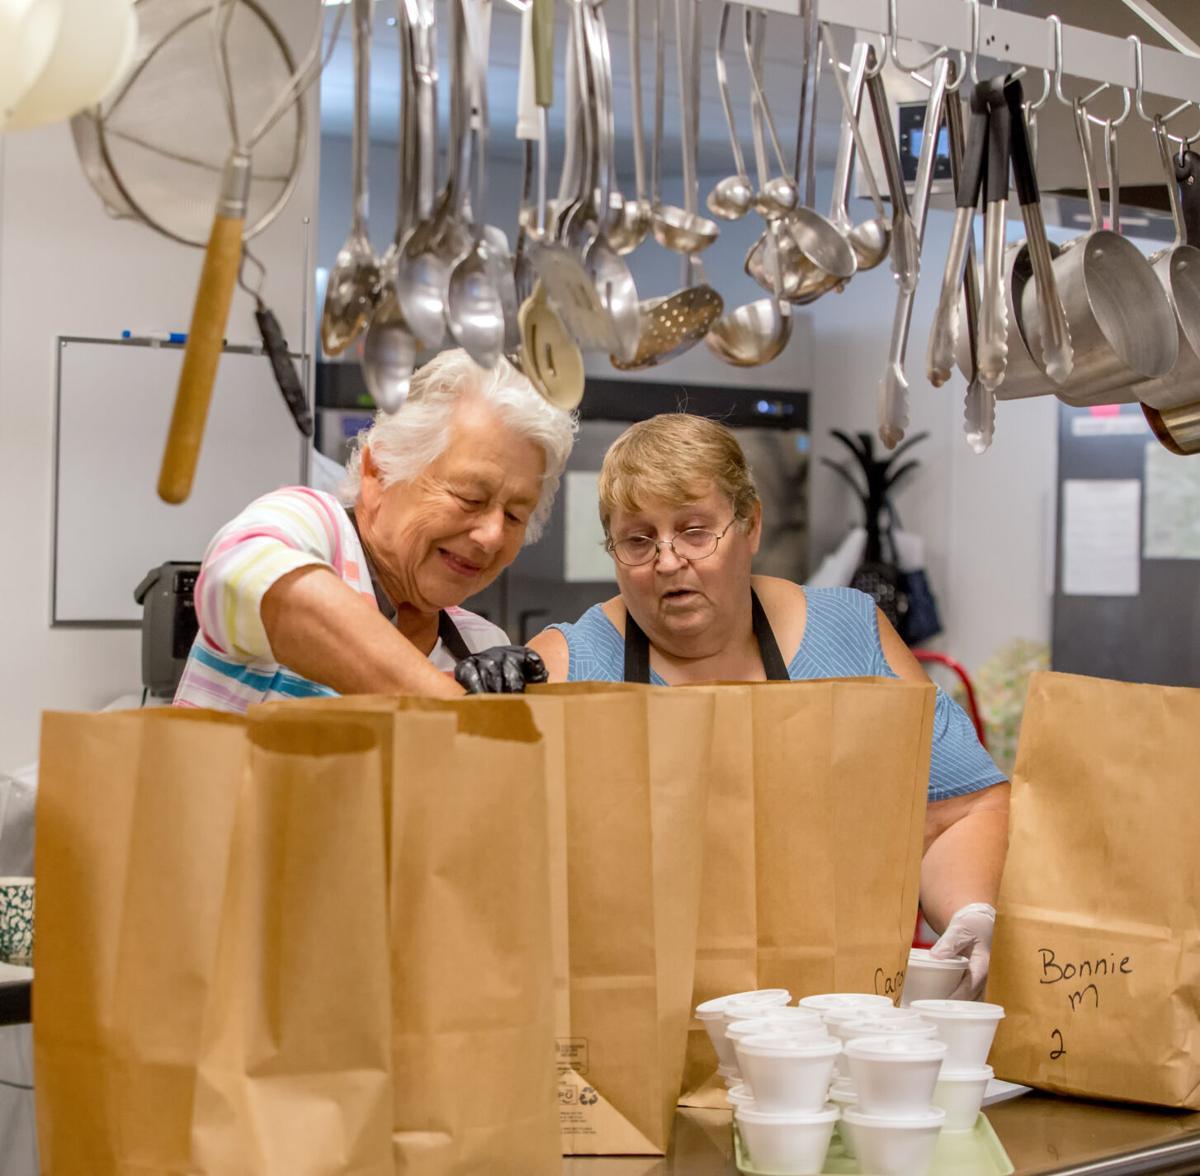 Senior center still serving seniors during shutdown